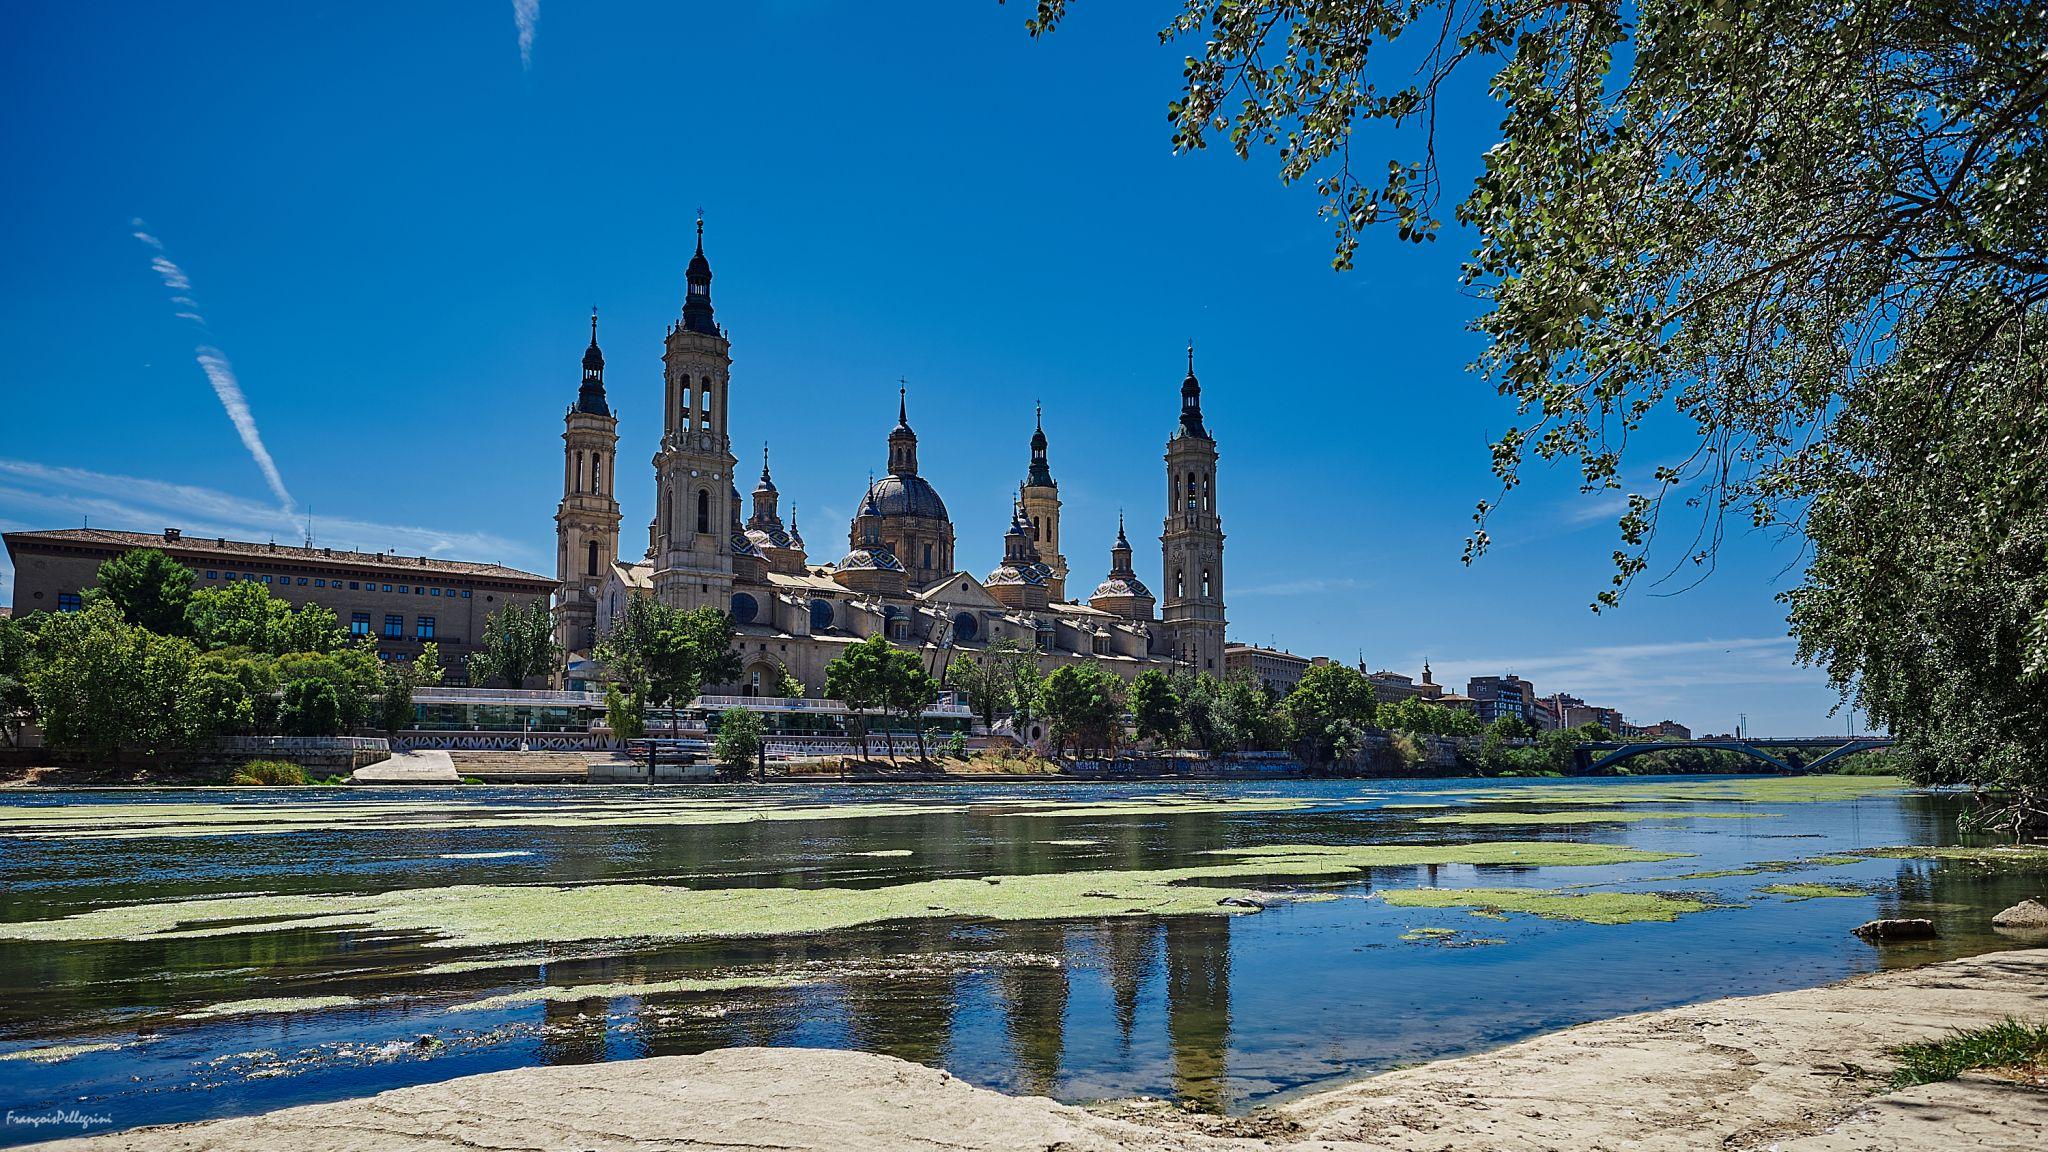 Basilica de Nuestra Señora del Pilar, Spain